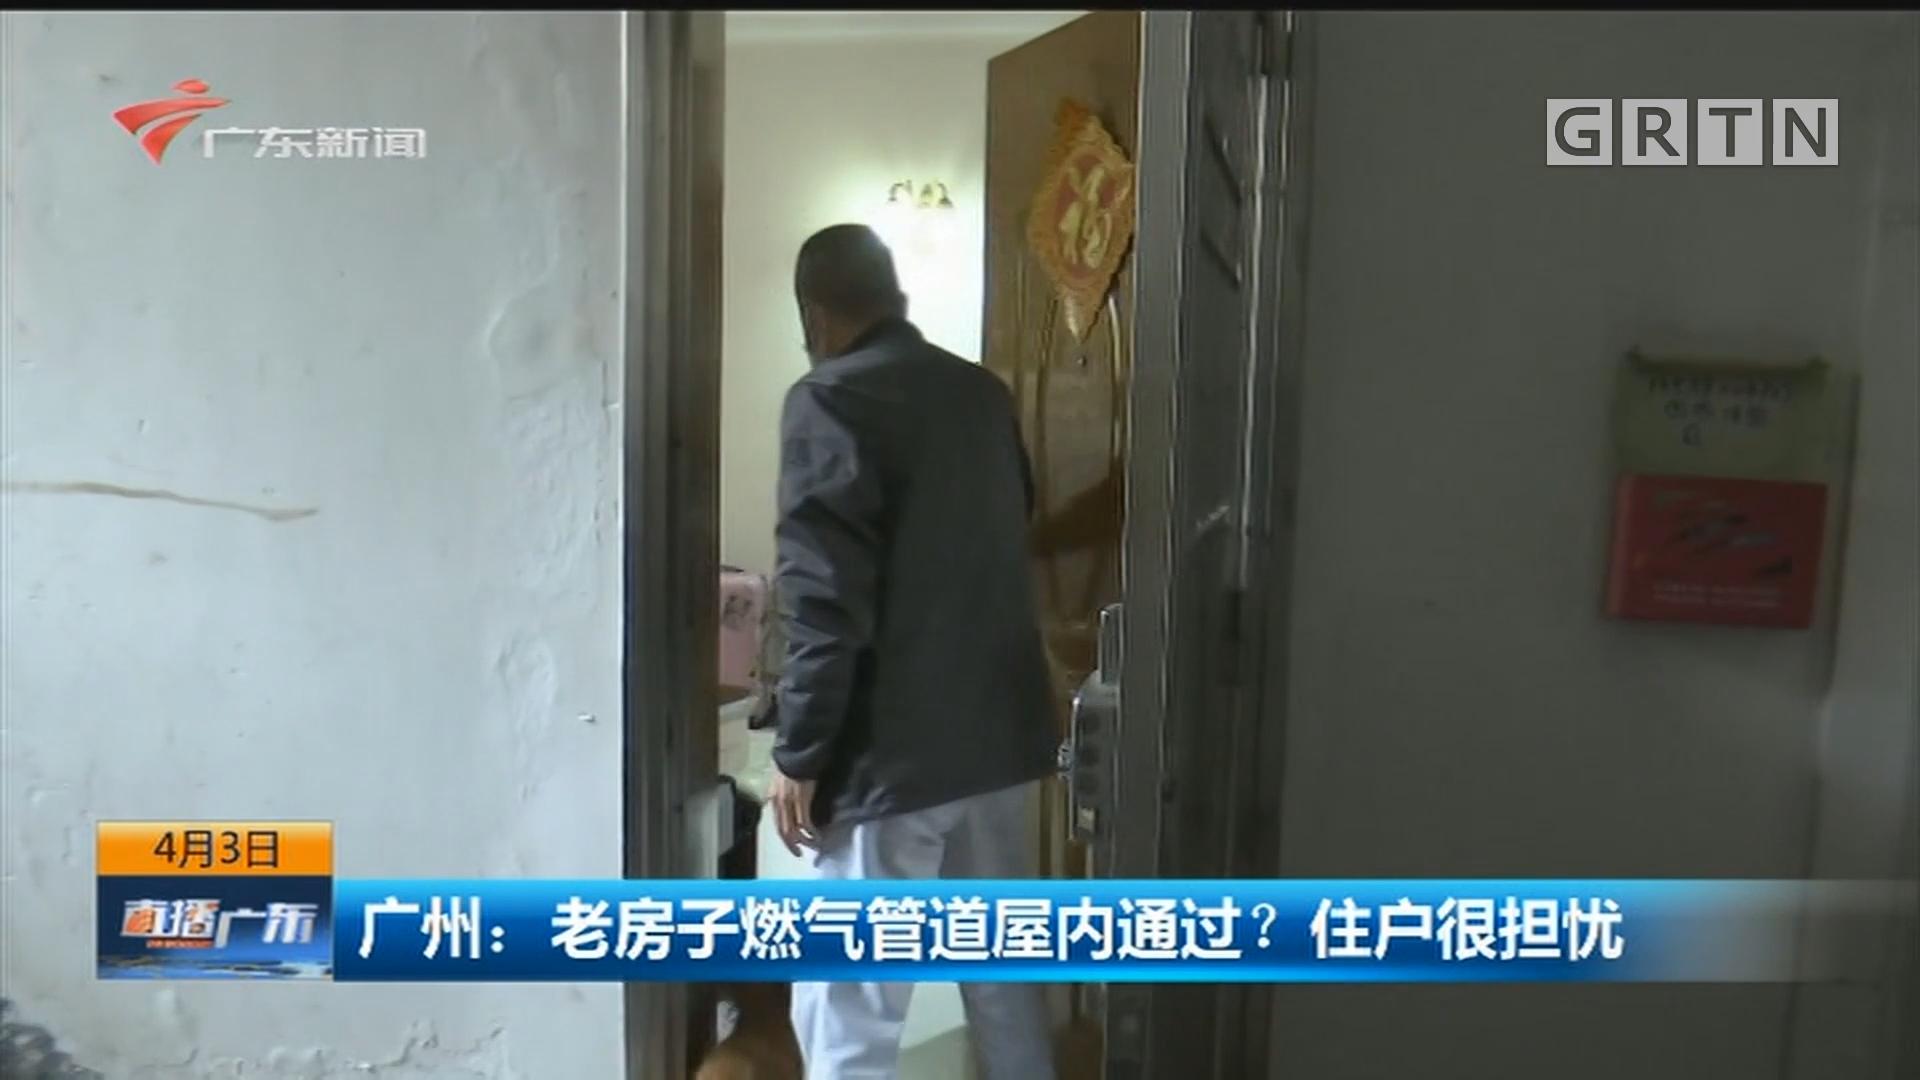 广州:老房子燃气管道屋内通过?住户很担忧